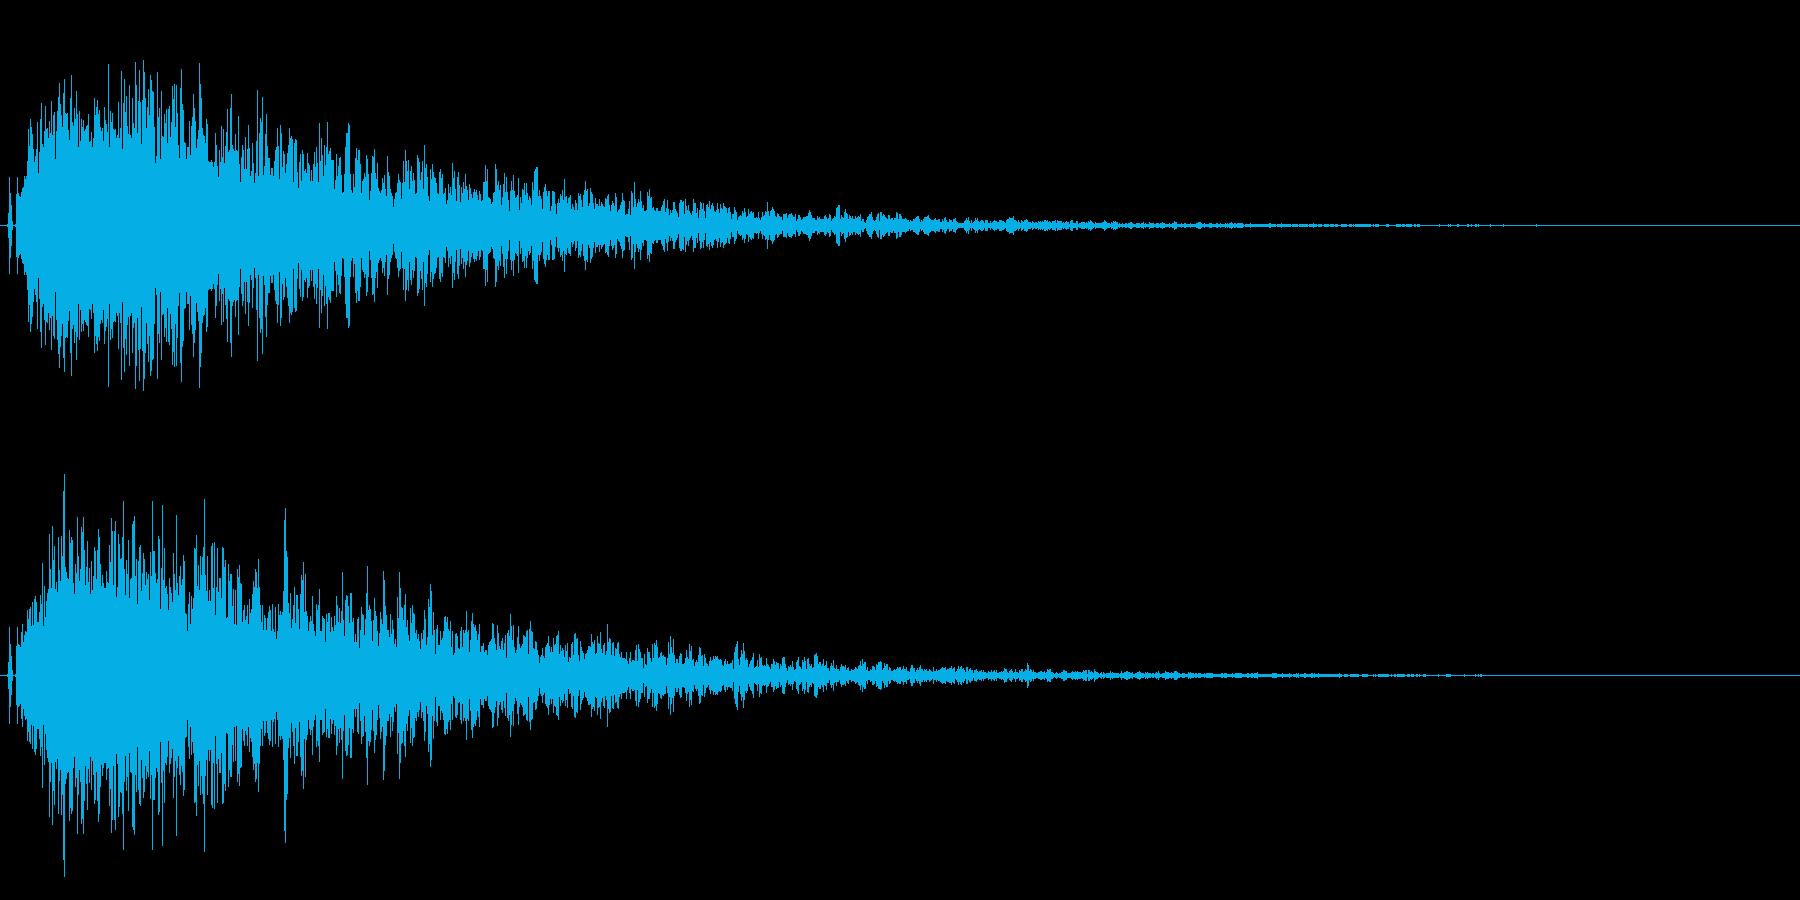 シャキーン!残響のあるインパクトに最適2の再生済みの波形